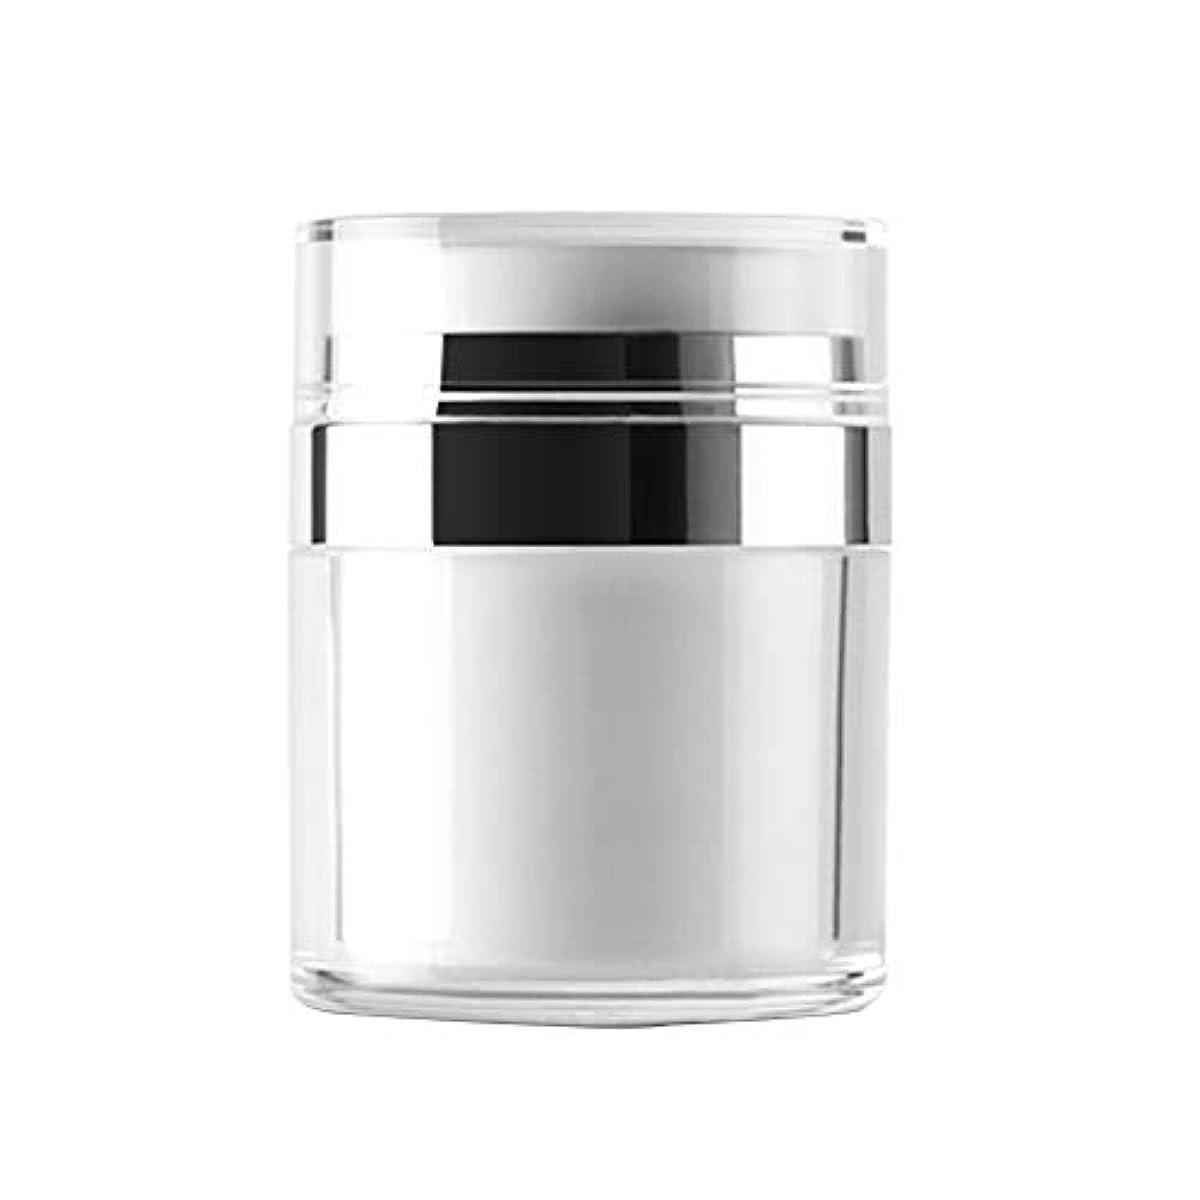 スパン百科事典飲料Vi.yo 小分け容器 トラベルボトル 真空押し式詰替用ボトル 携帯用 旅行 出張用 クリーム 軟膏 乳液など入り 30g